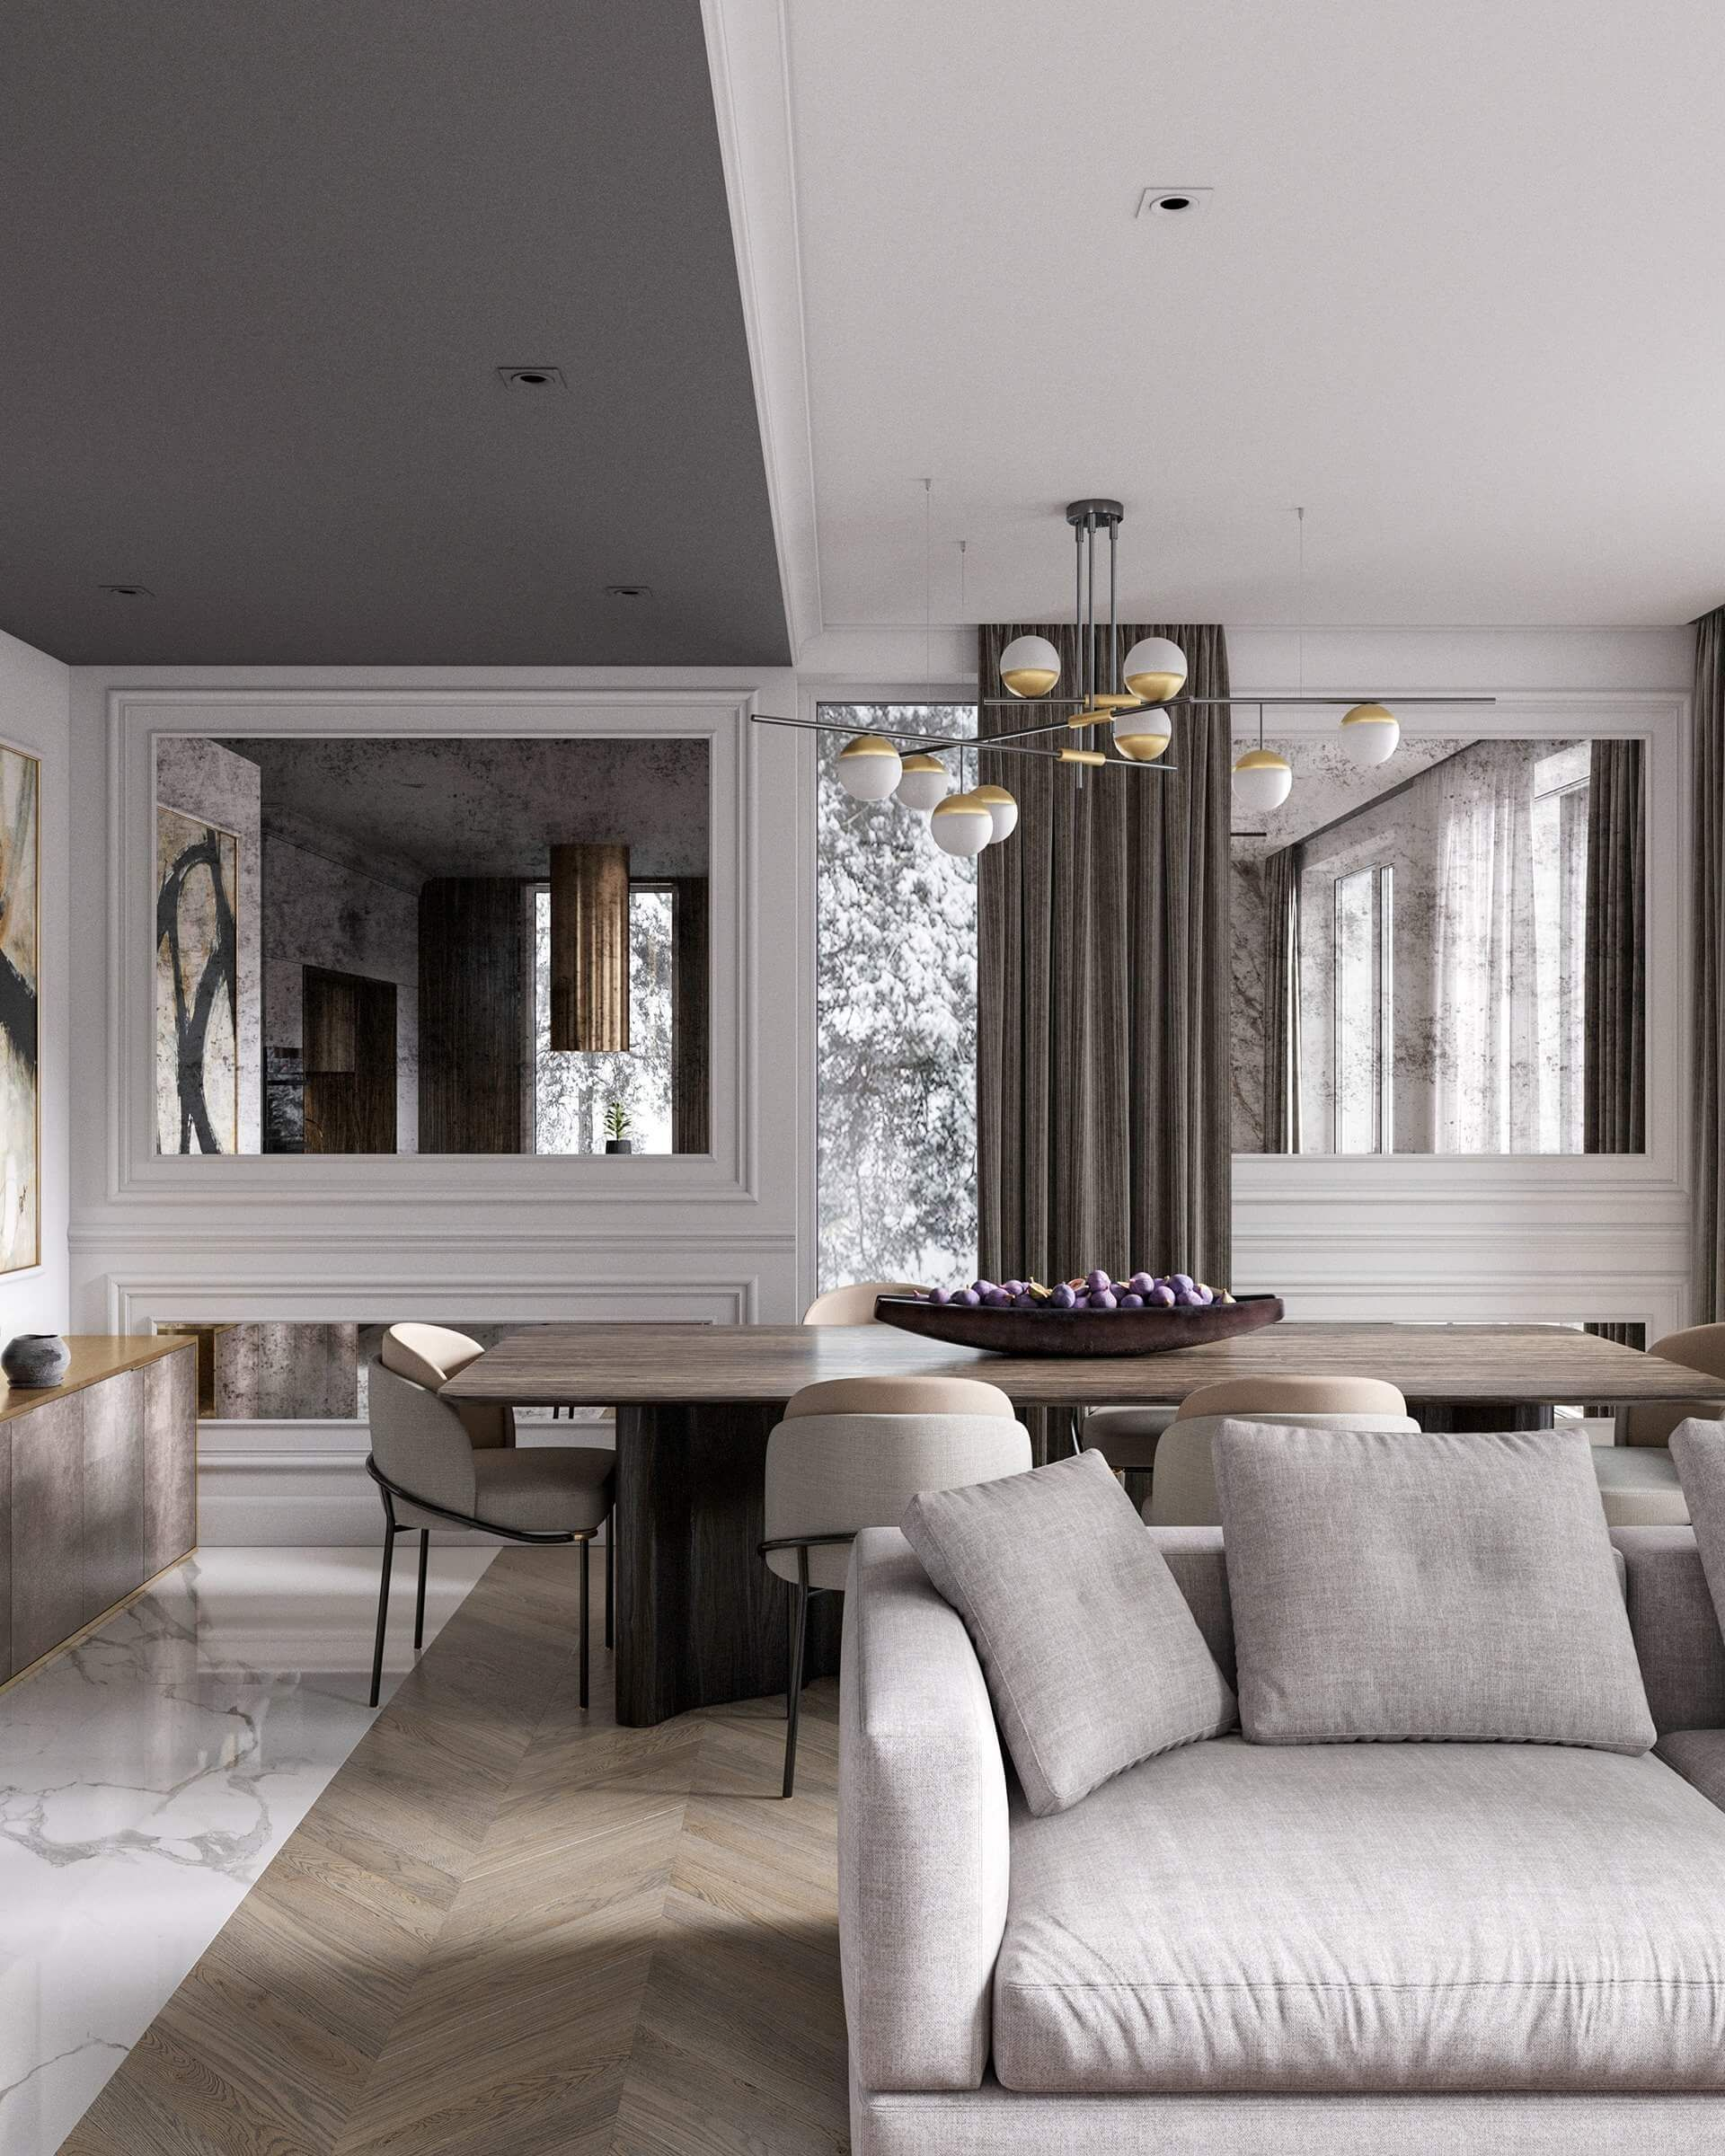 Autodesk Room Design: Stylish Interior Concept Design // Cgi Visualization In